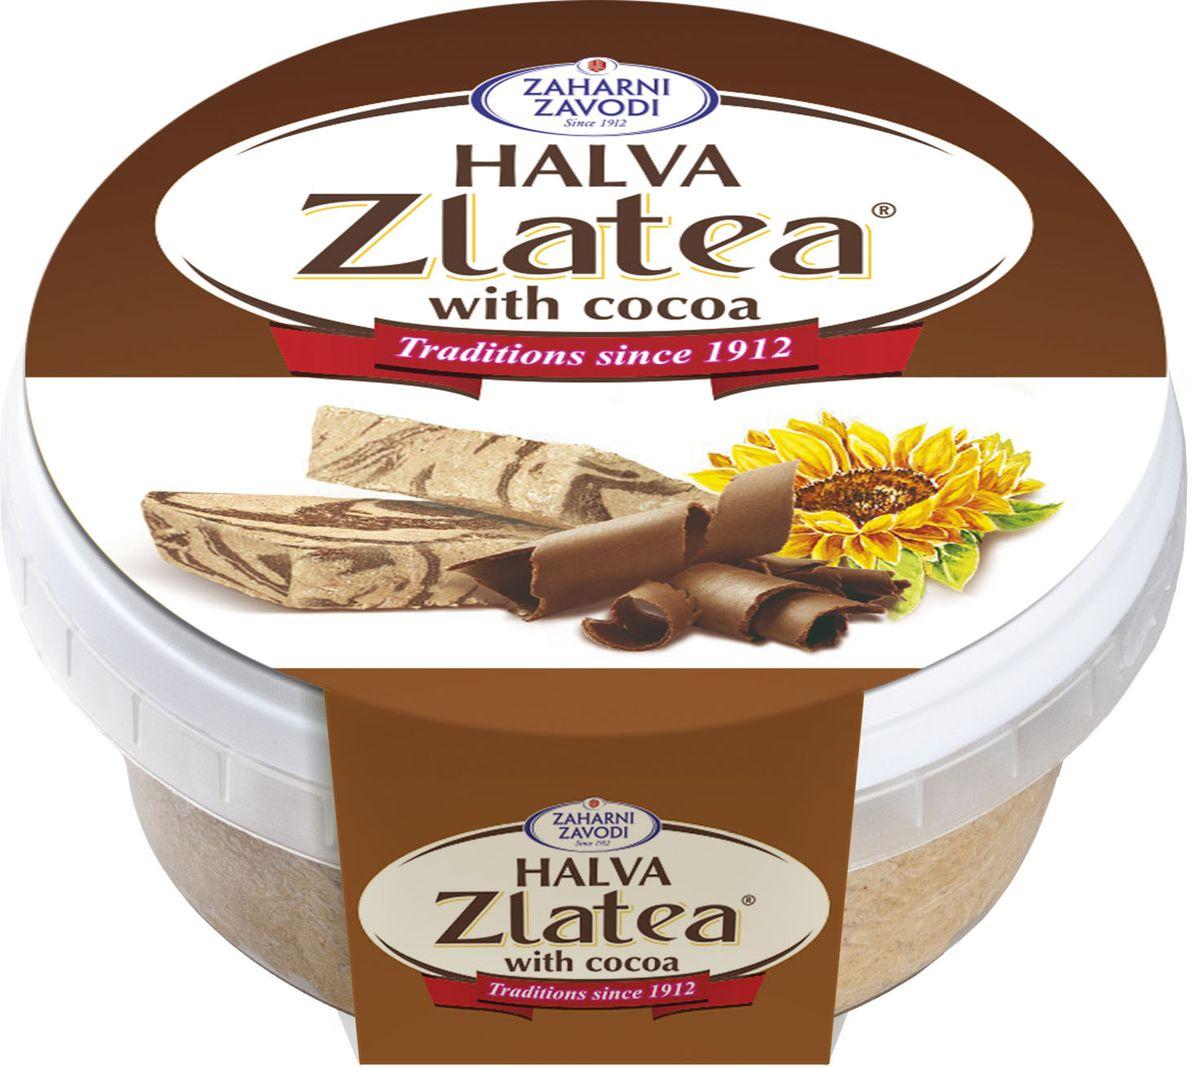 Zaharni Zavodi Zlatea Подсолнечная с какао халва, 280 г zaharni zavodi zlatea подсолнечная халва 420 г